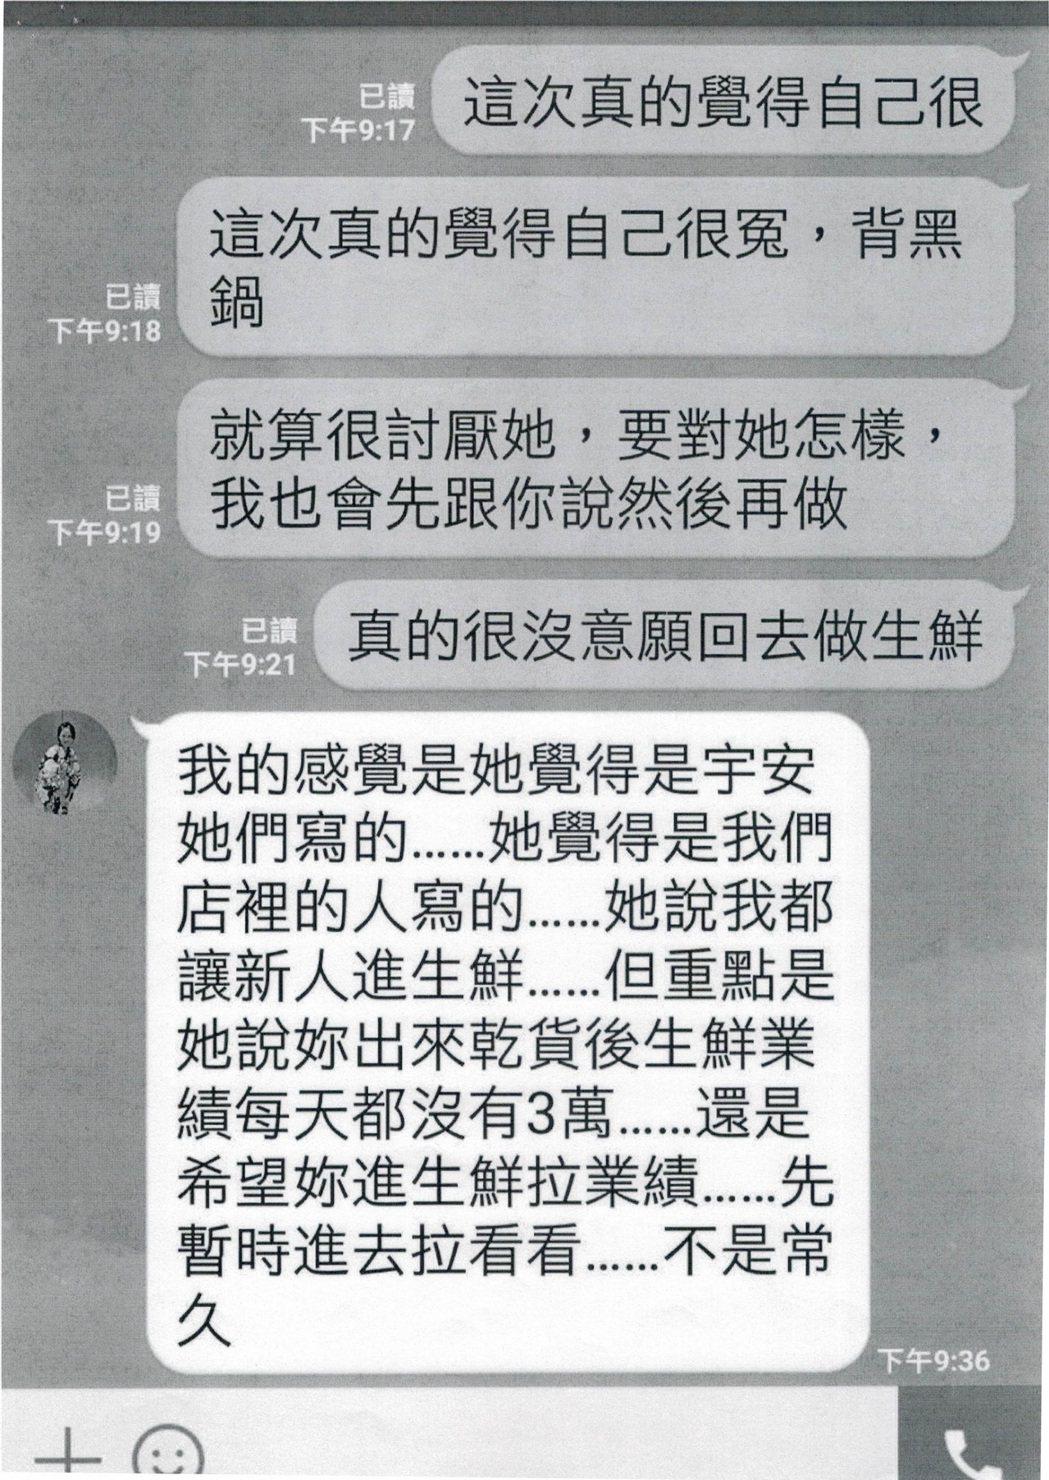 羅女的家屬公佈對話紀錄,指全聯壓榨員工,誣陷羅女。圖/律師柯劭臻提供